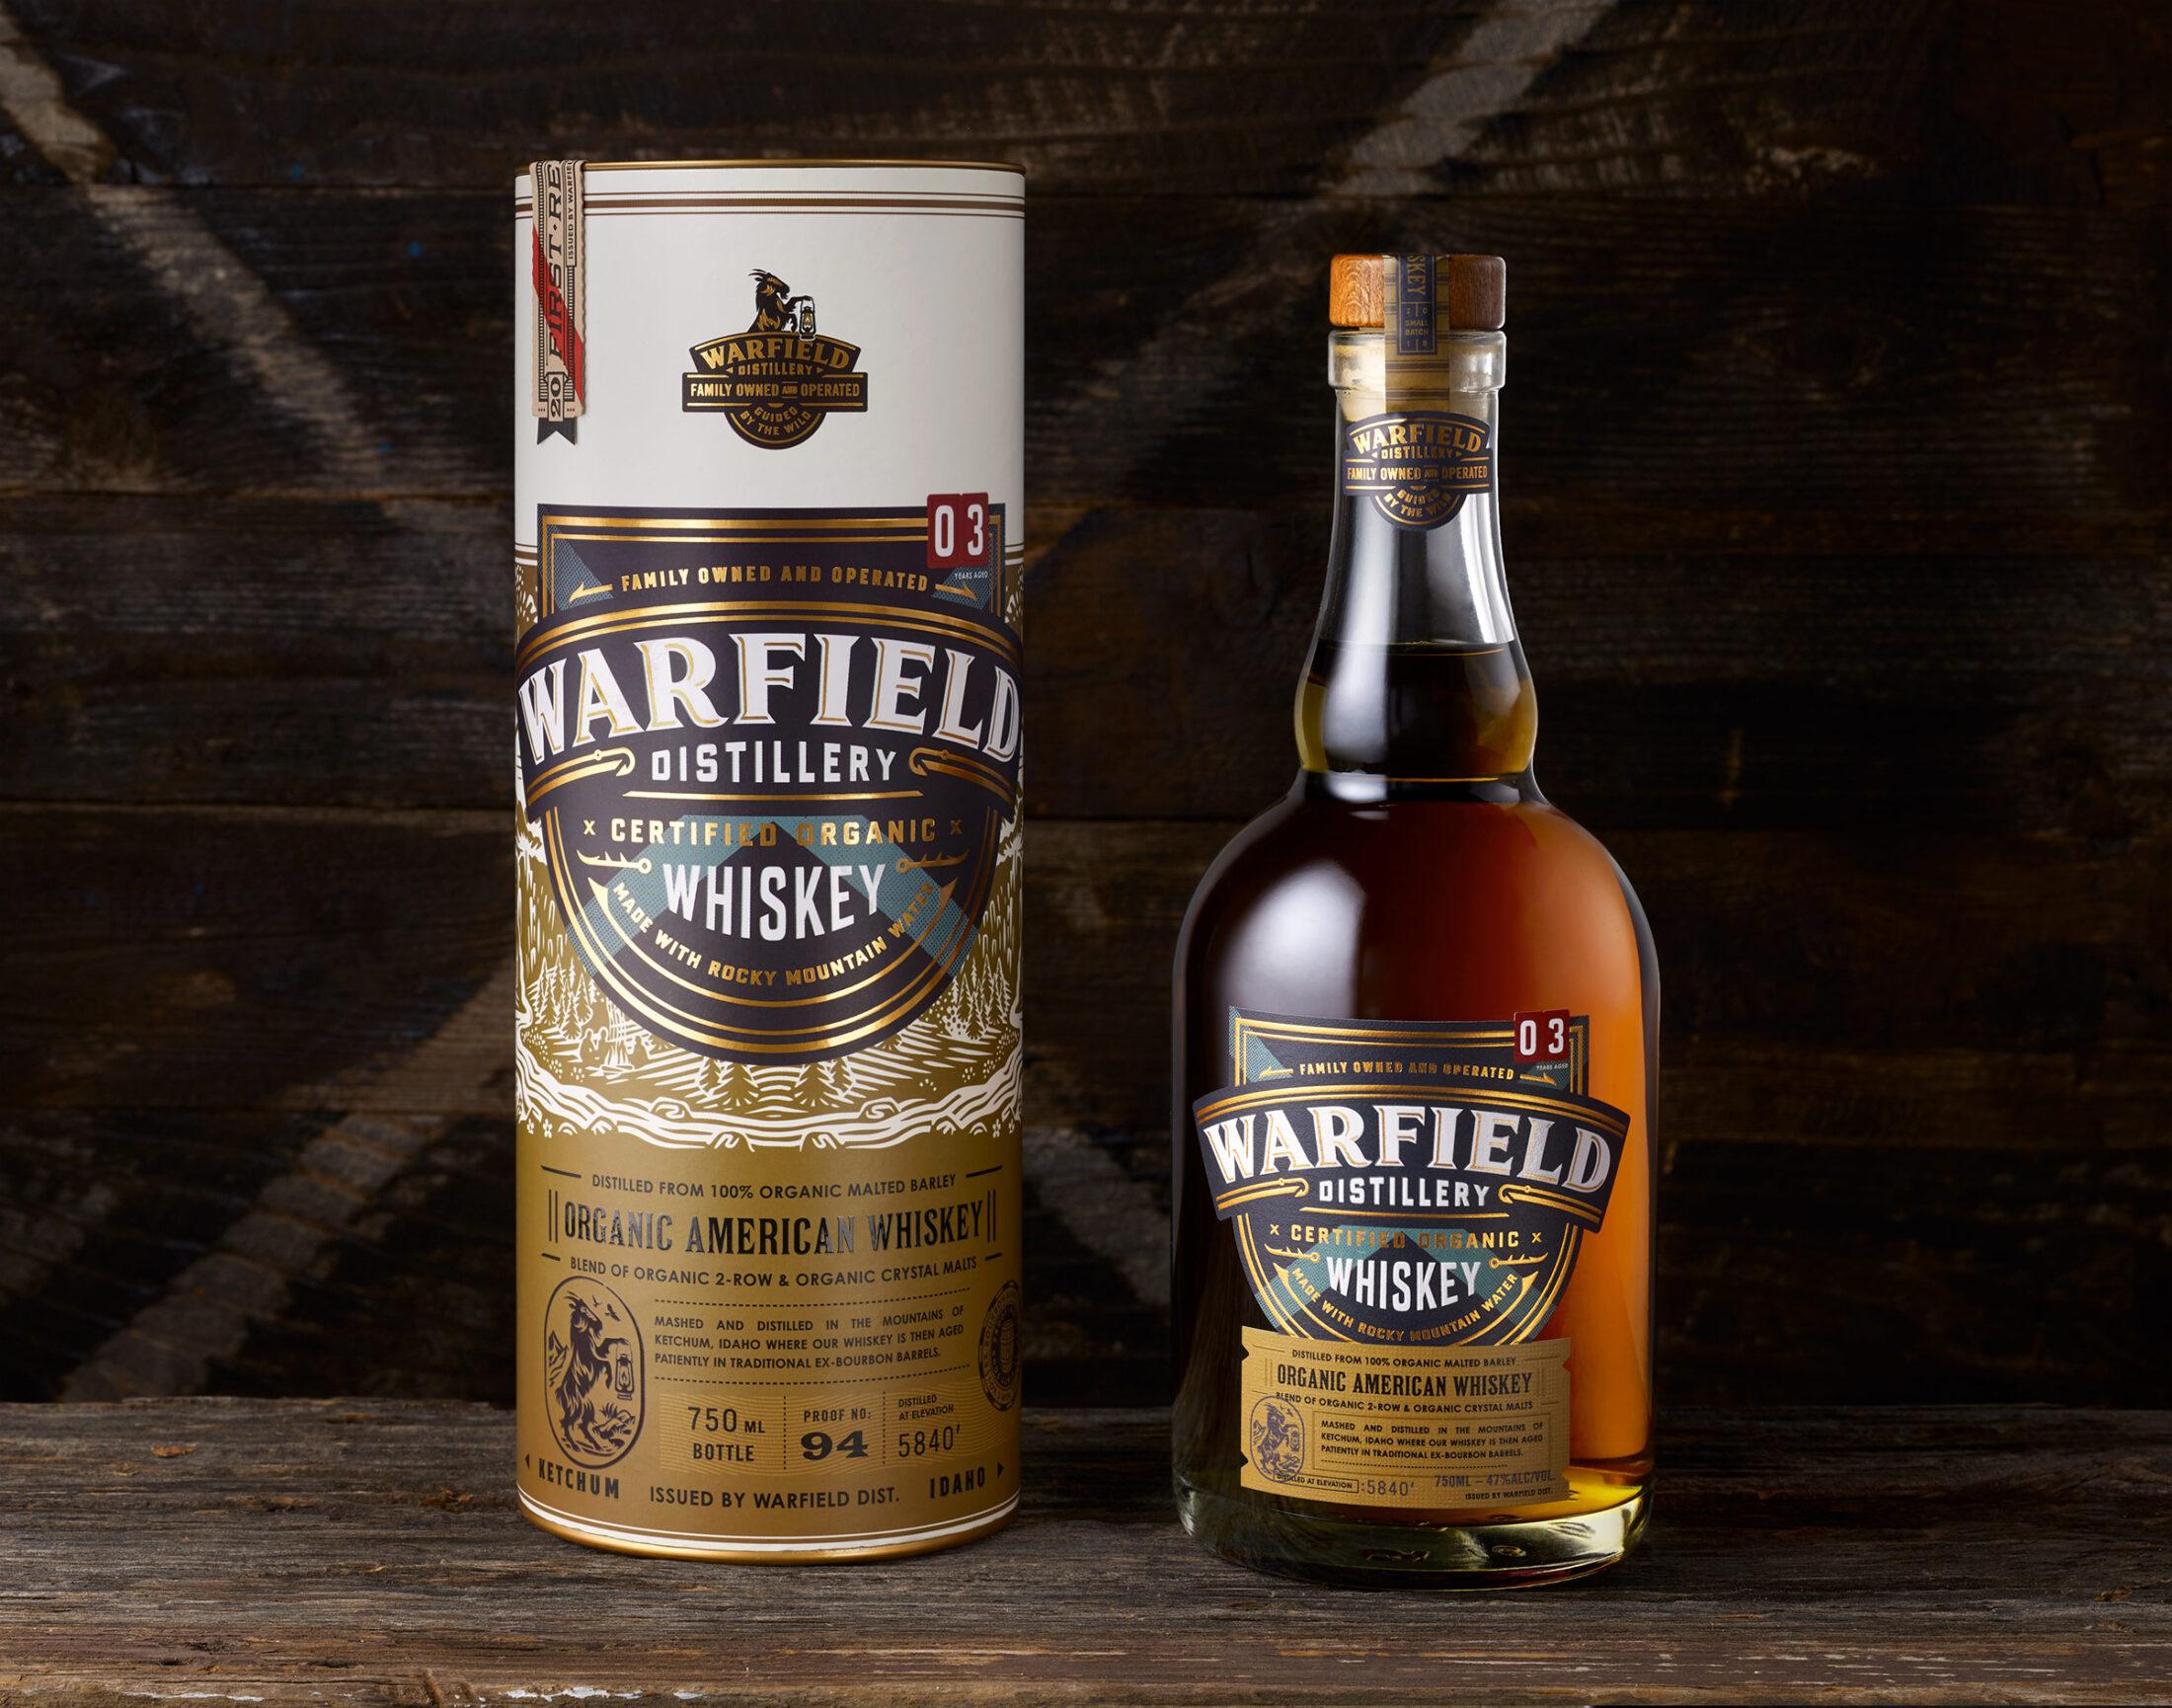 Warfield Whiskey & Tube - Chad Michael Studio